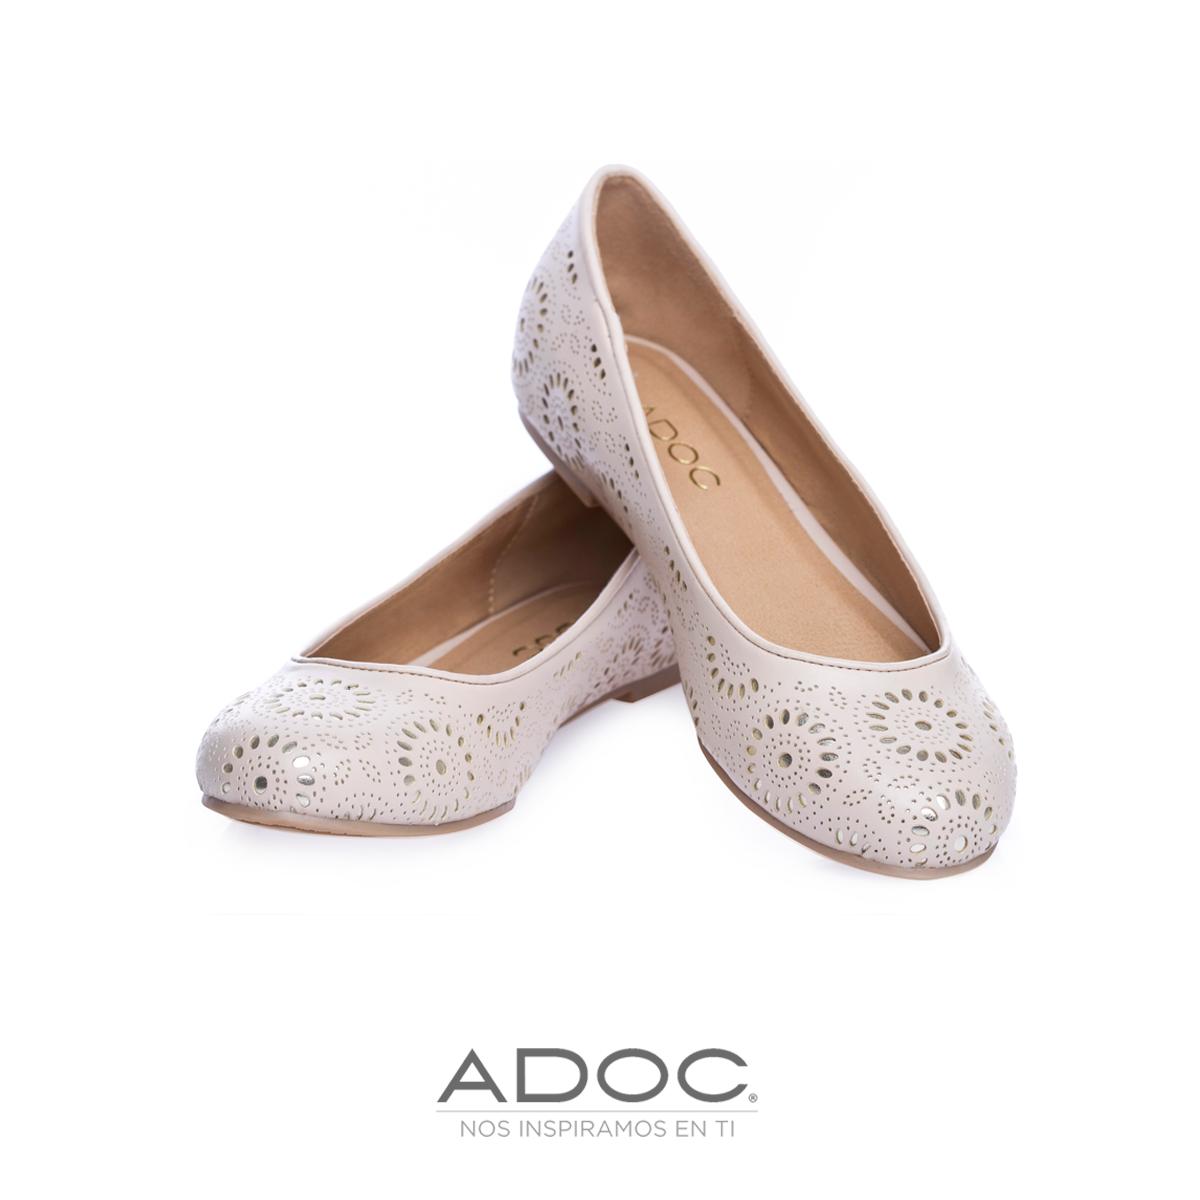 8a3989f3f2ab Zapatos de ADOC disponibles en color negro y dorado. Sort